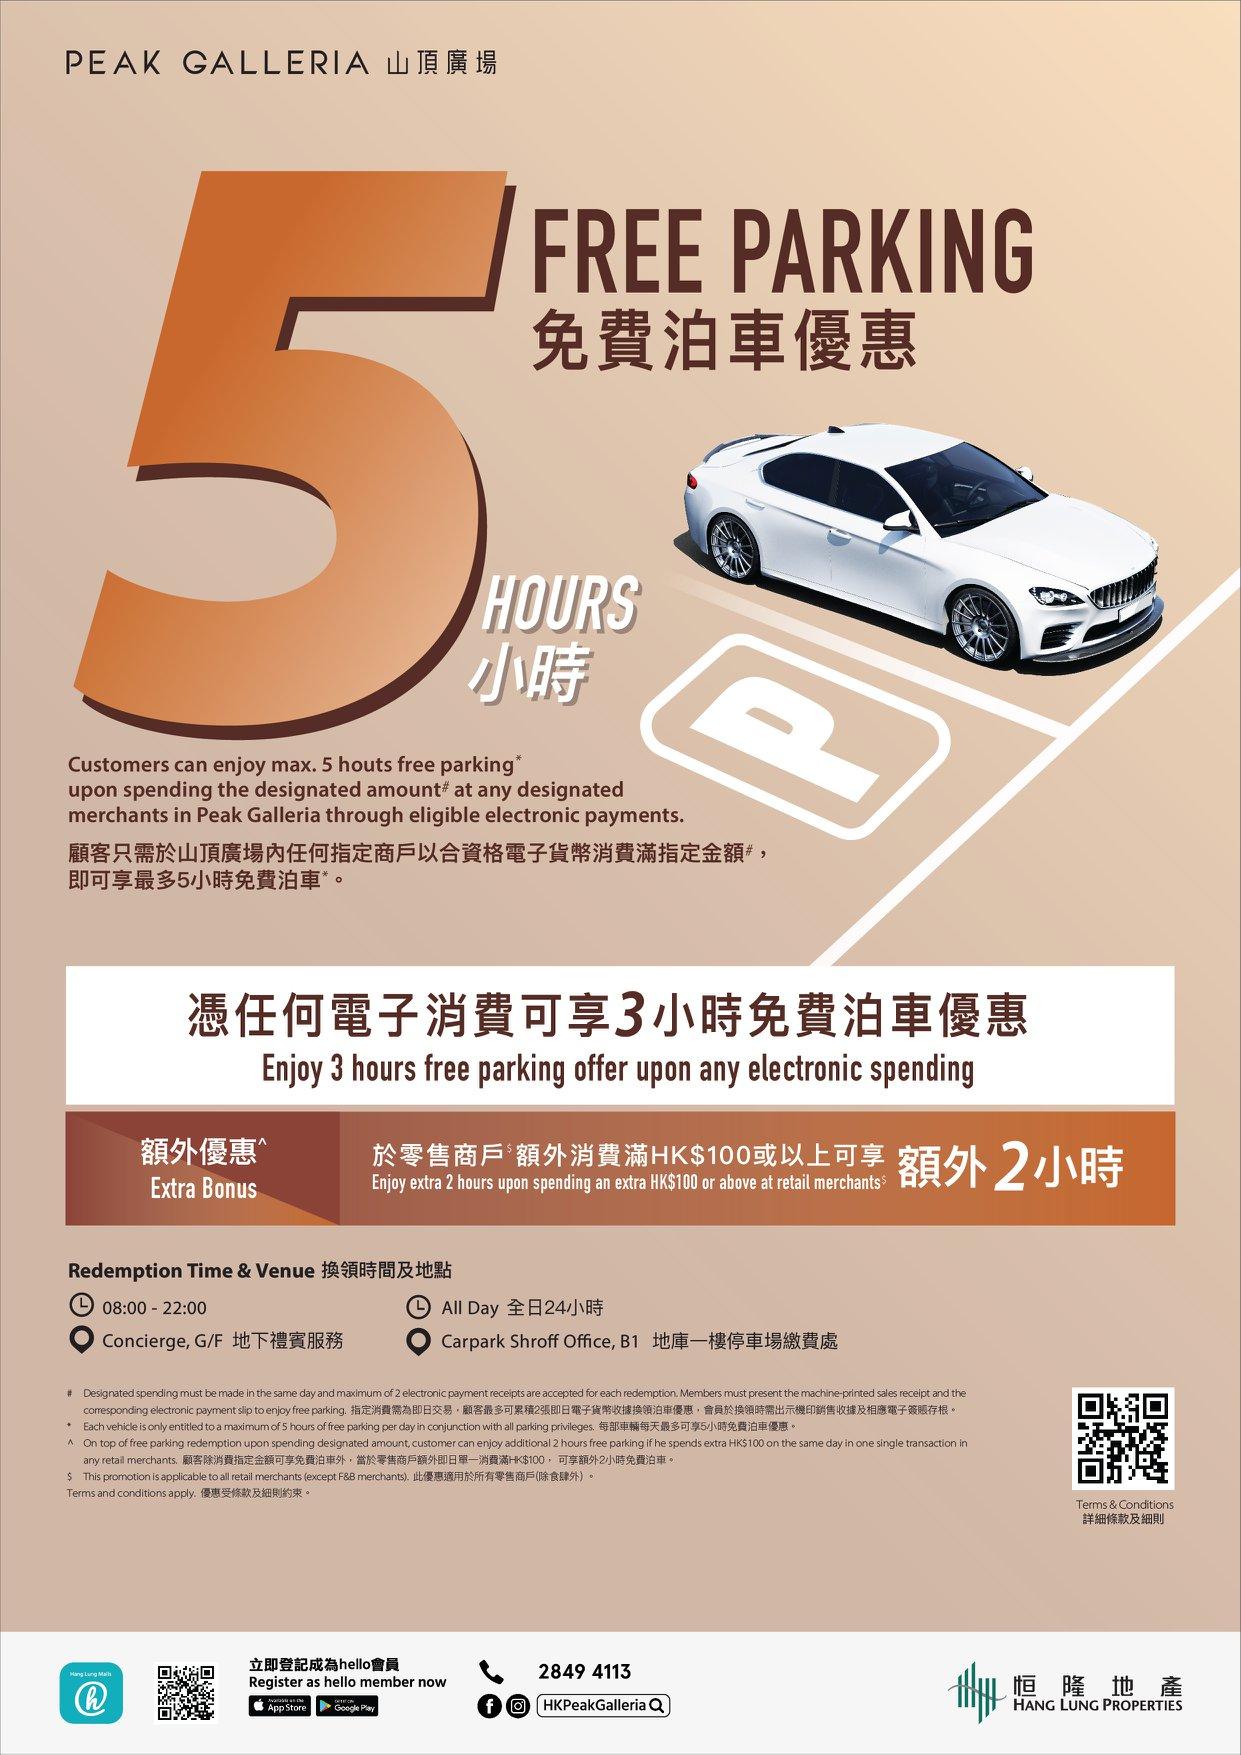 山頂廣場 Peak Galleria 任何電子消費3小時免費泊車 額外消費滿HK$100額外2小時 最多5小時